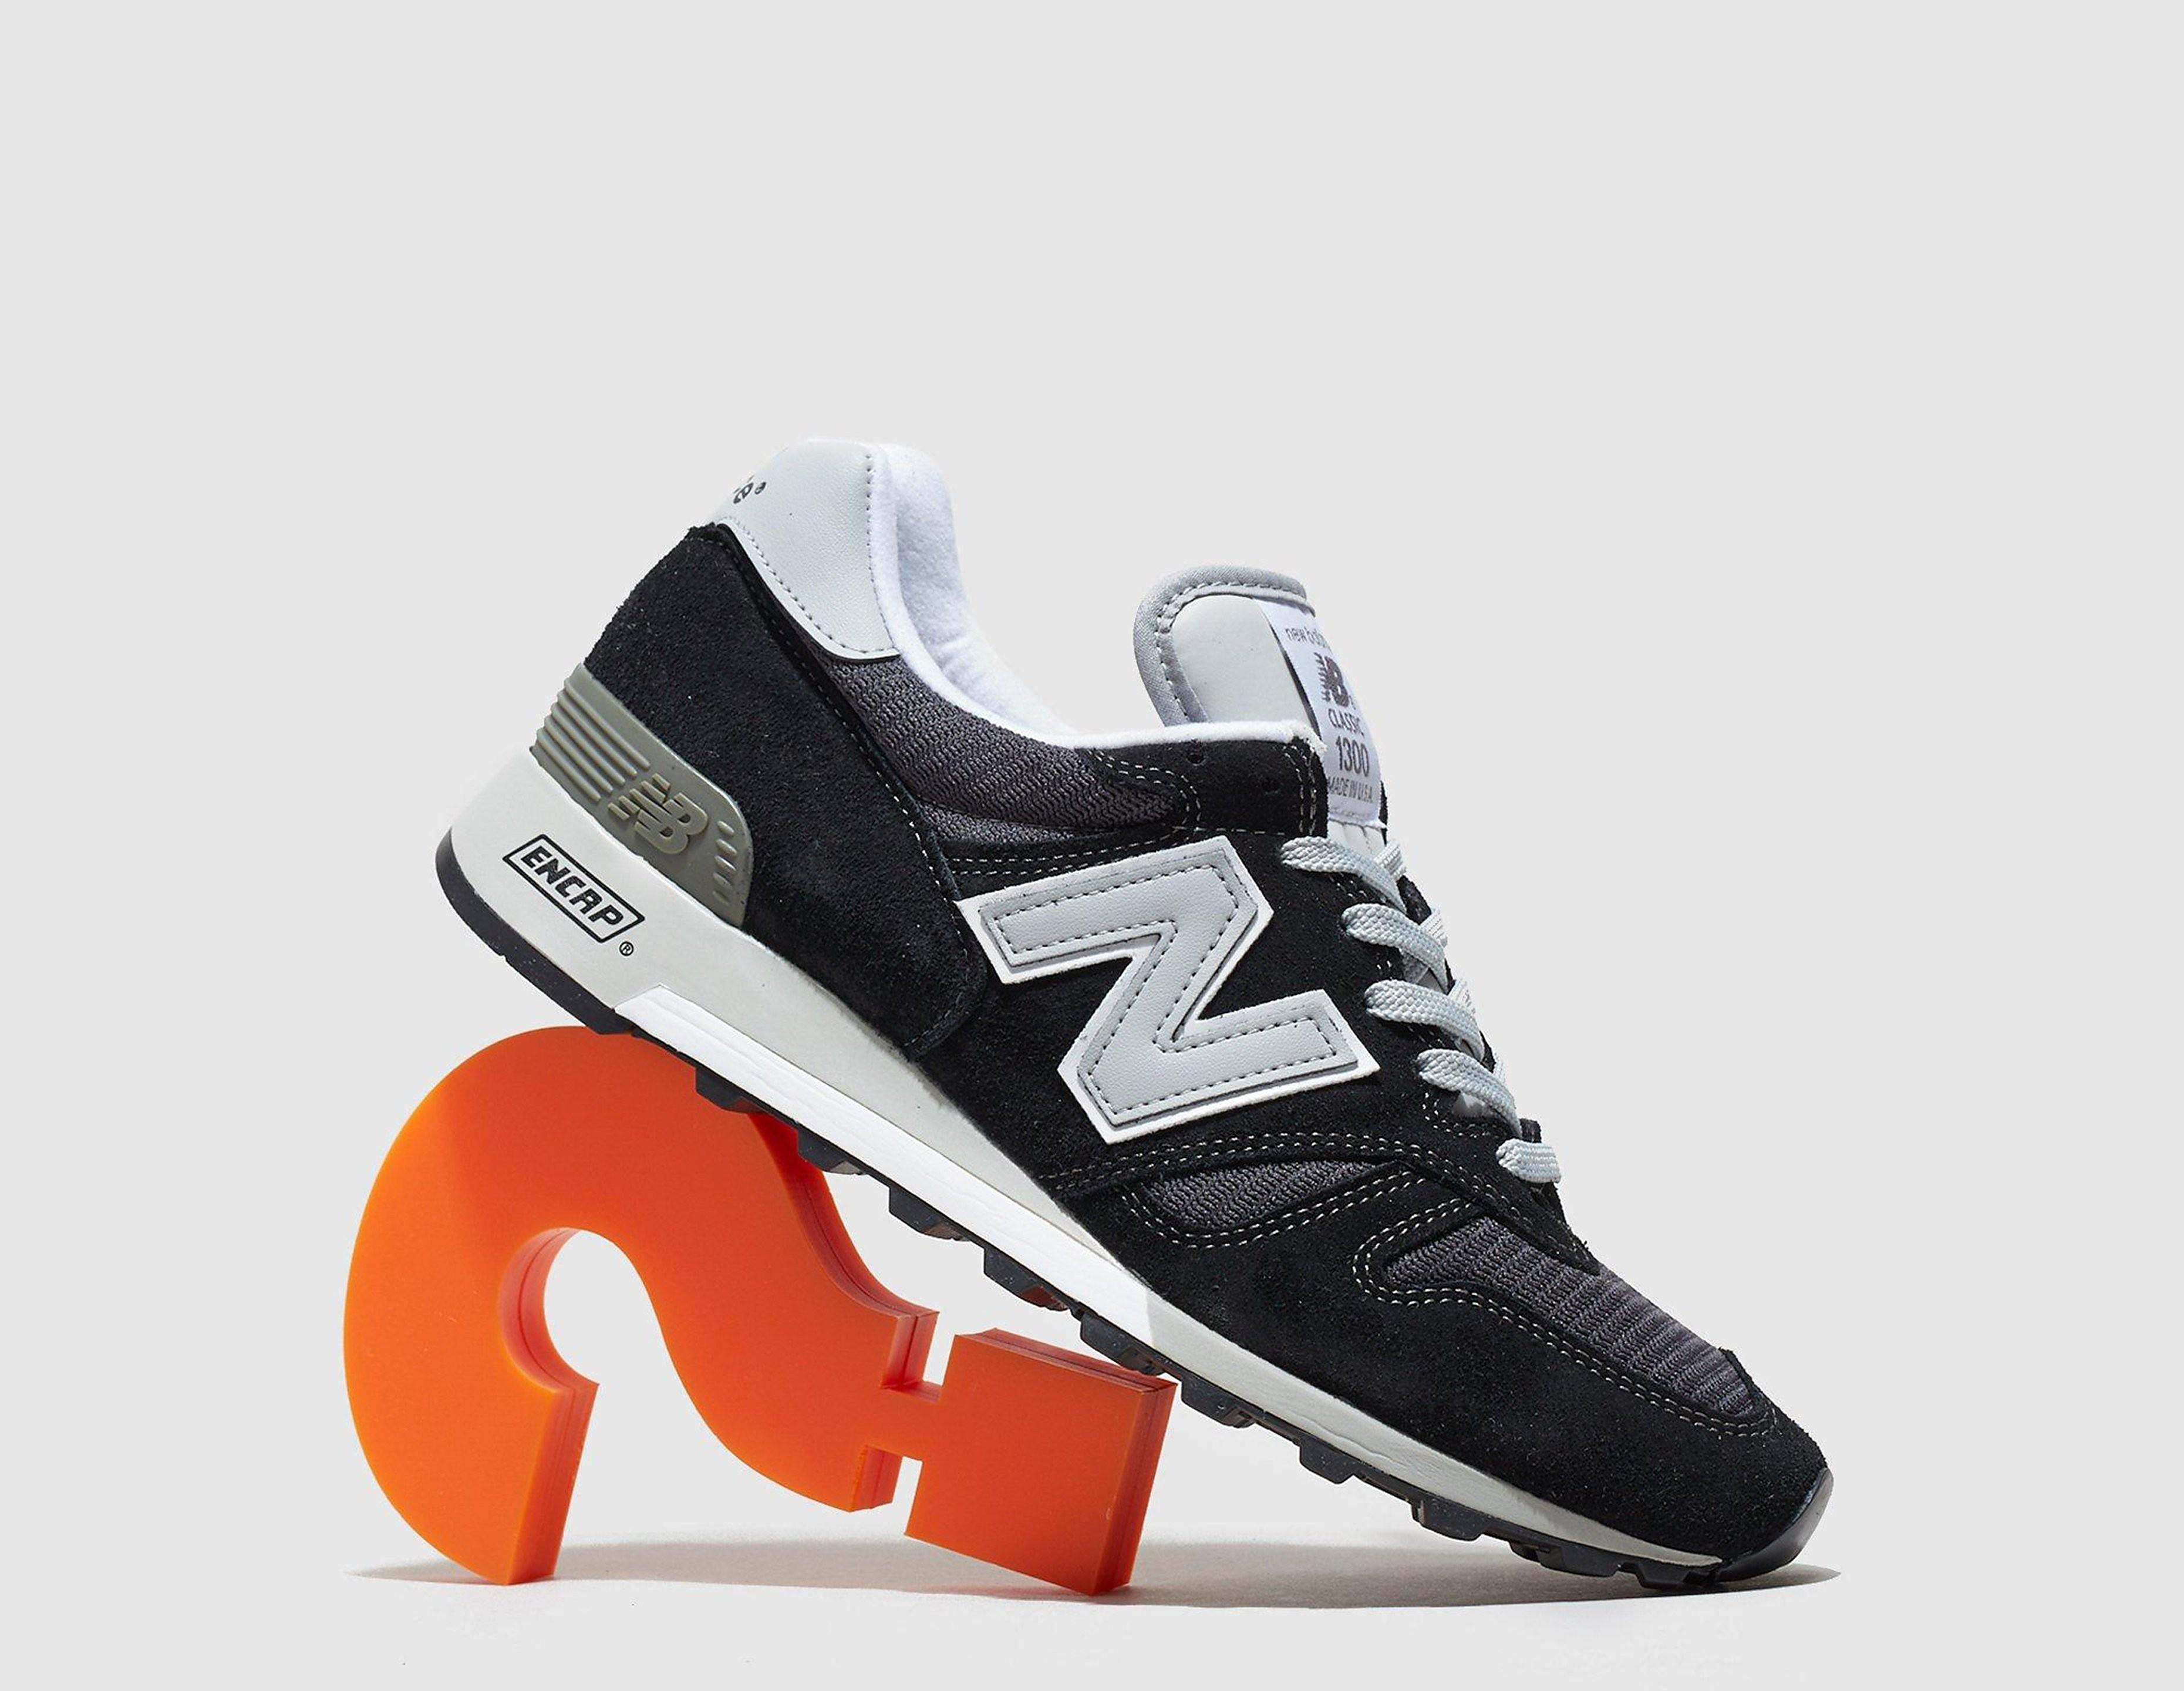 New Balance 1300 - Made in USA